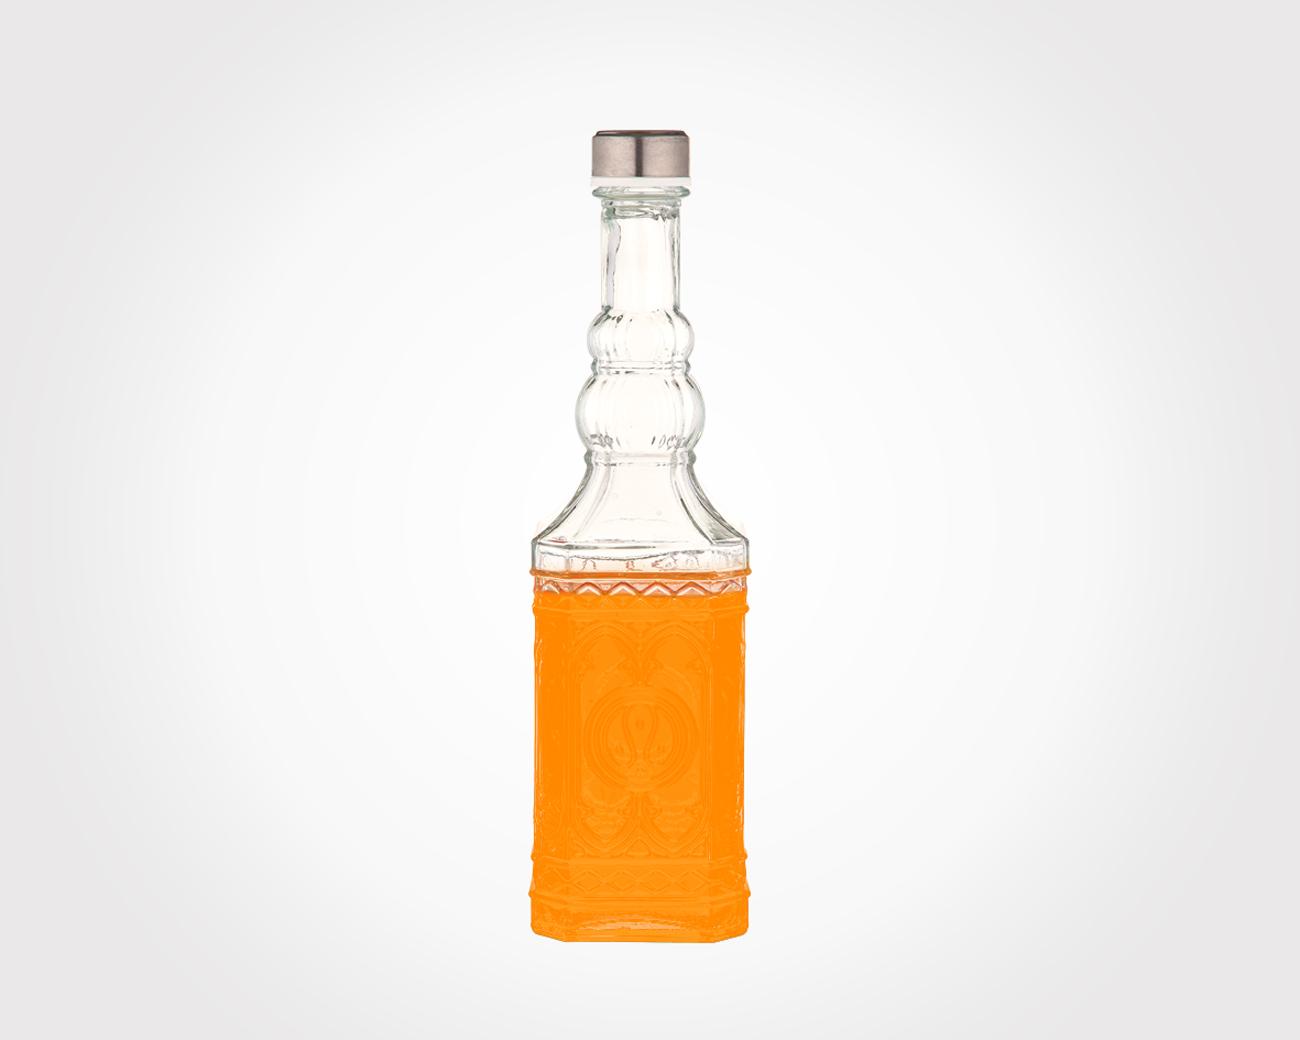 بطری آب چهارگوش درب استیل